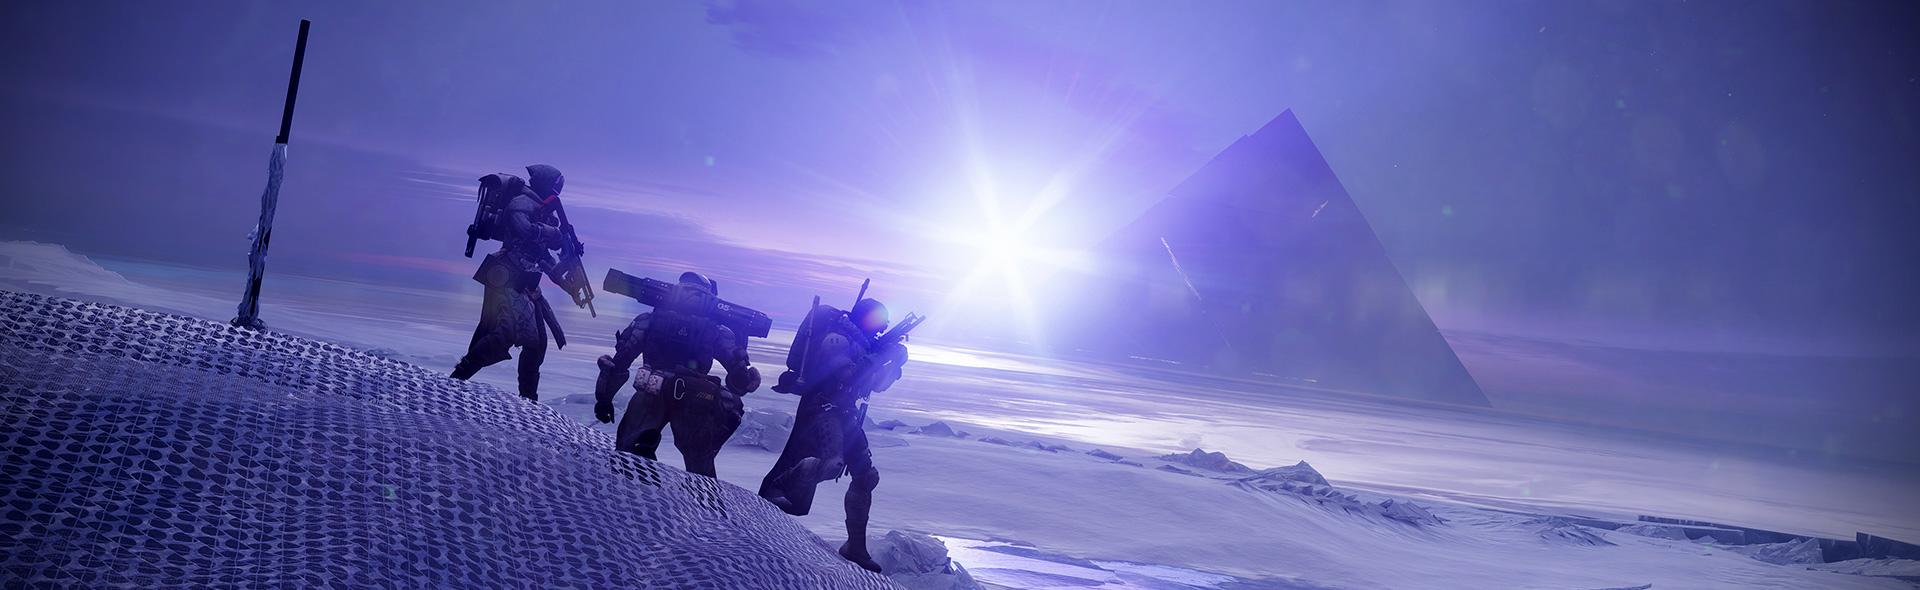 Destiny 2 confirma sus mejoras para Xbox Series X y Xbox Series S 2